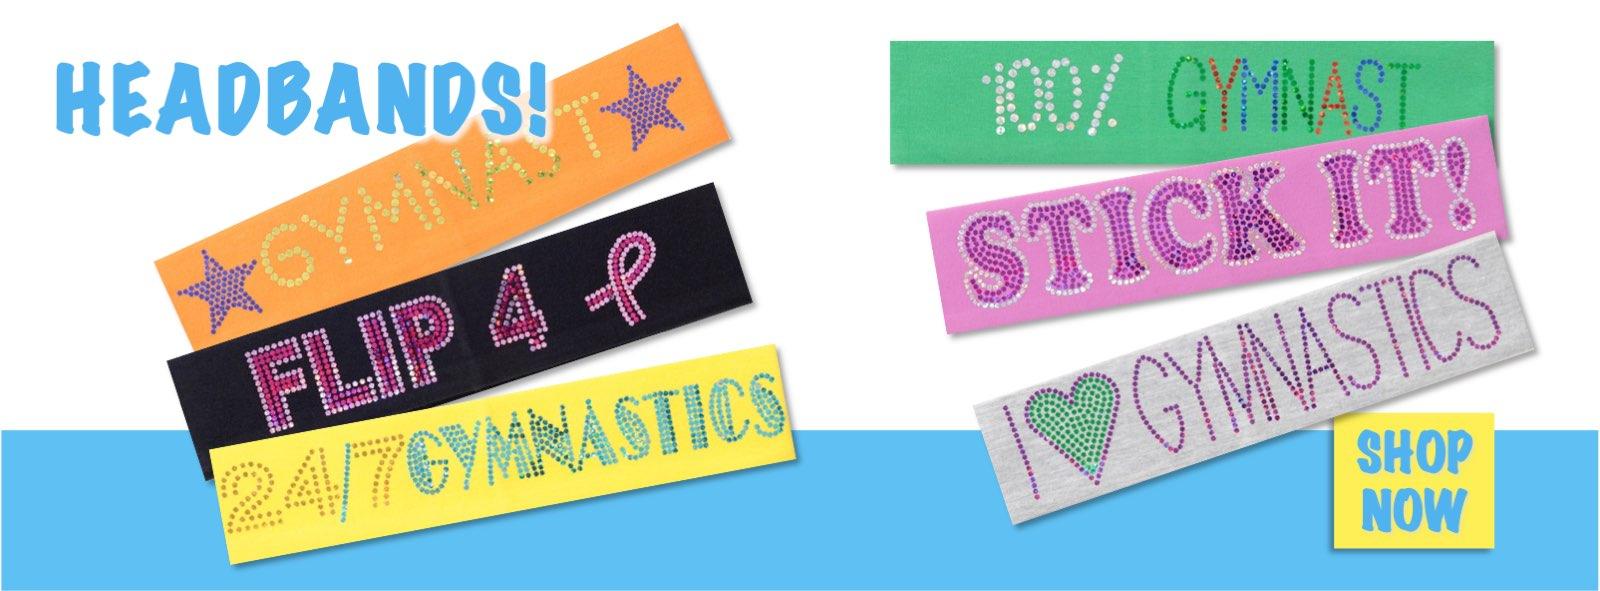 Buy Gymnastics Headbands Here - Original Designs, Big Selection!